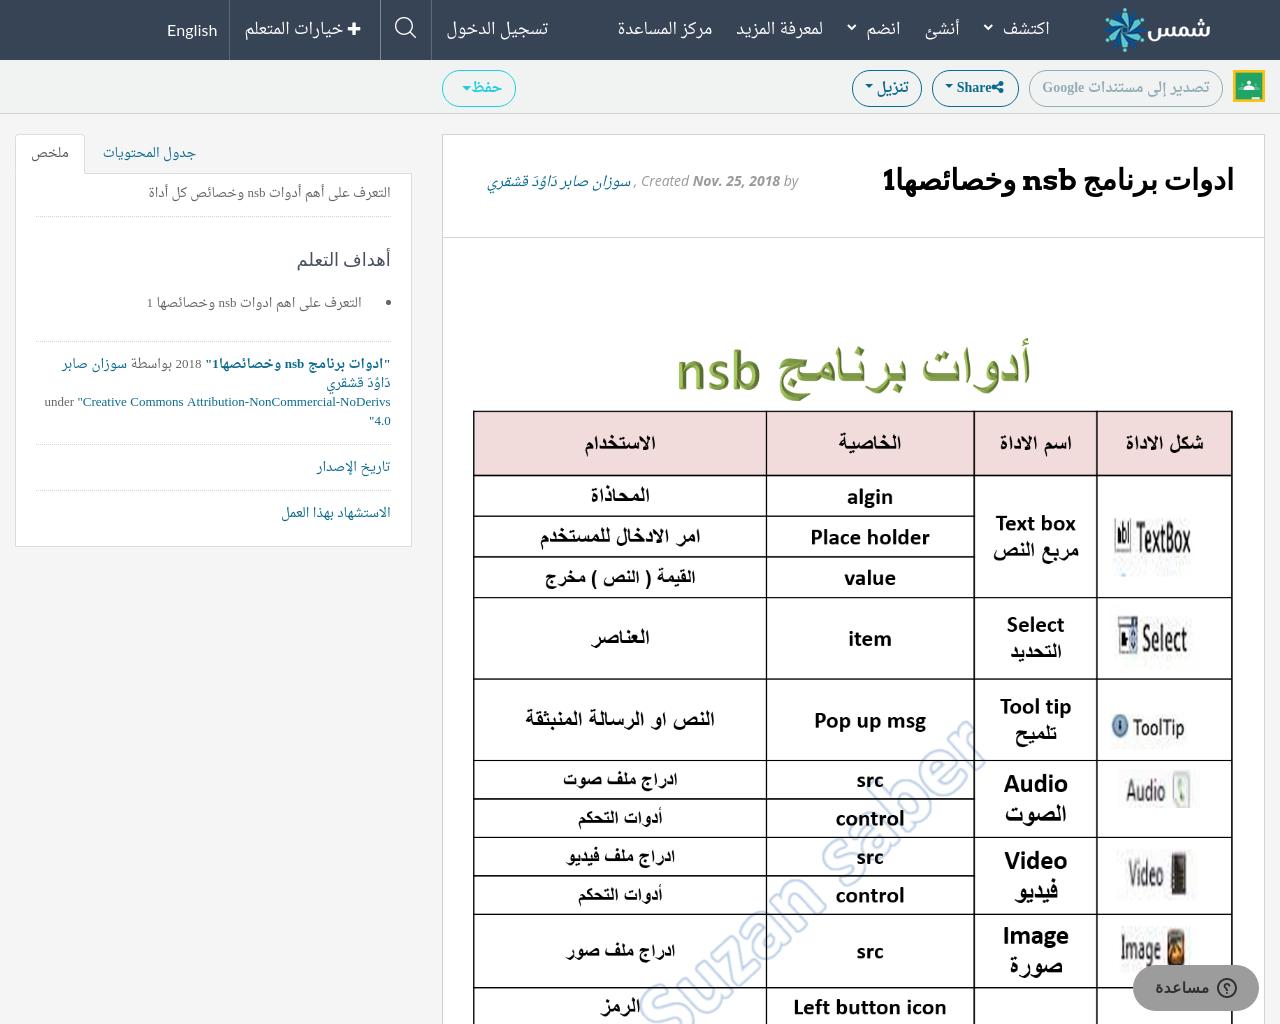 ادوات برنامج nsb وخصائصها1 | SHMS - Saudi OER Network